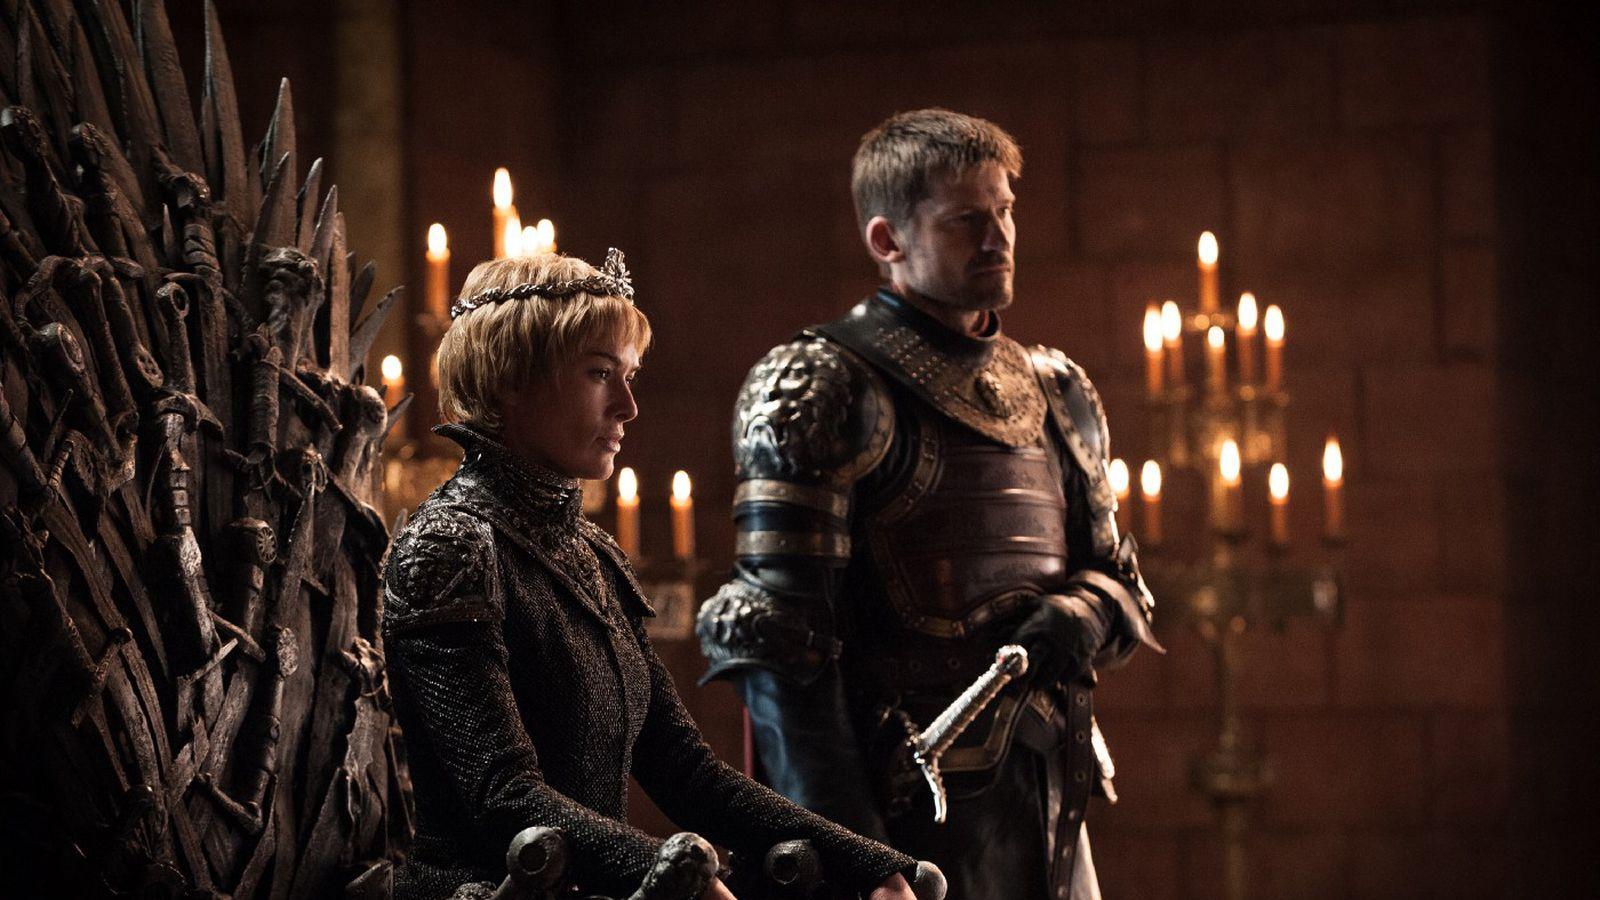 La gran guerra se acerca en el primer trailer de la séptima temporada de Game of Thrones